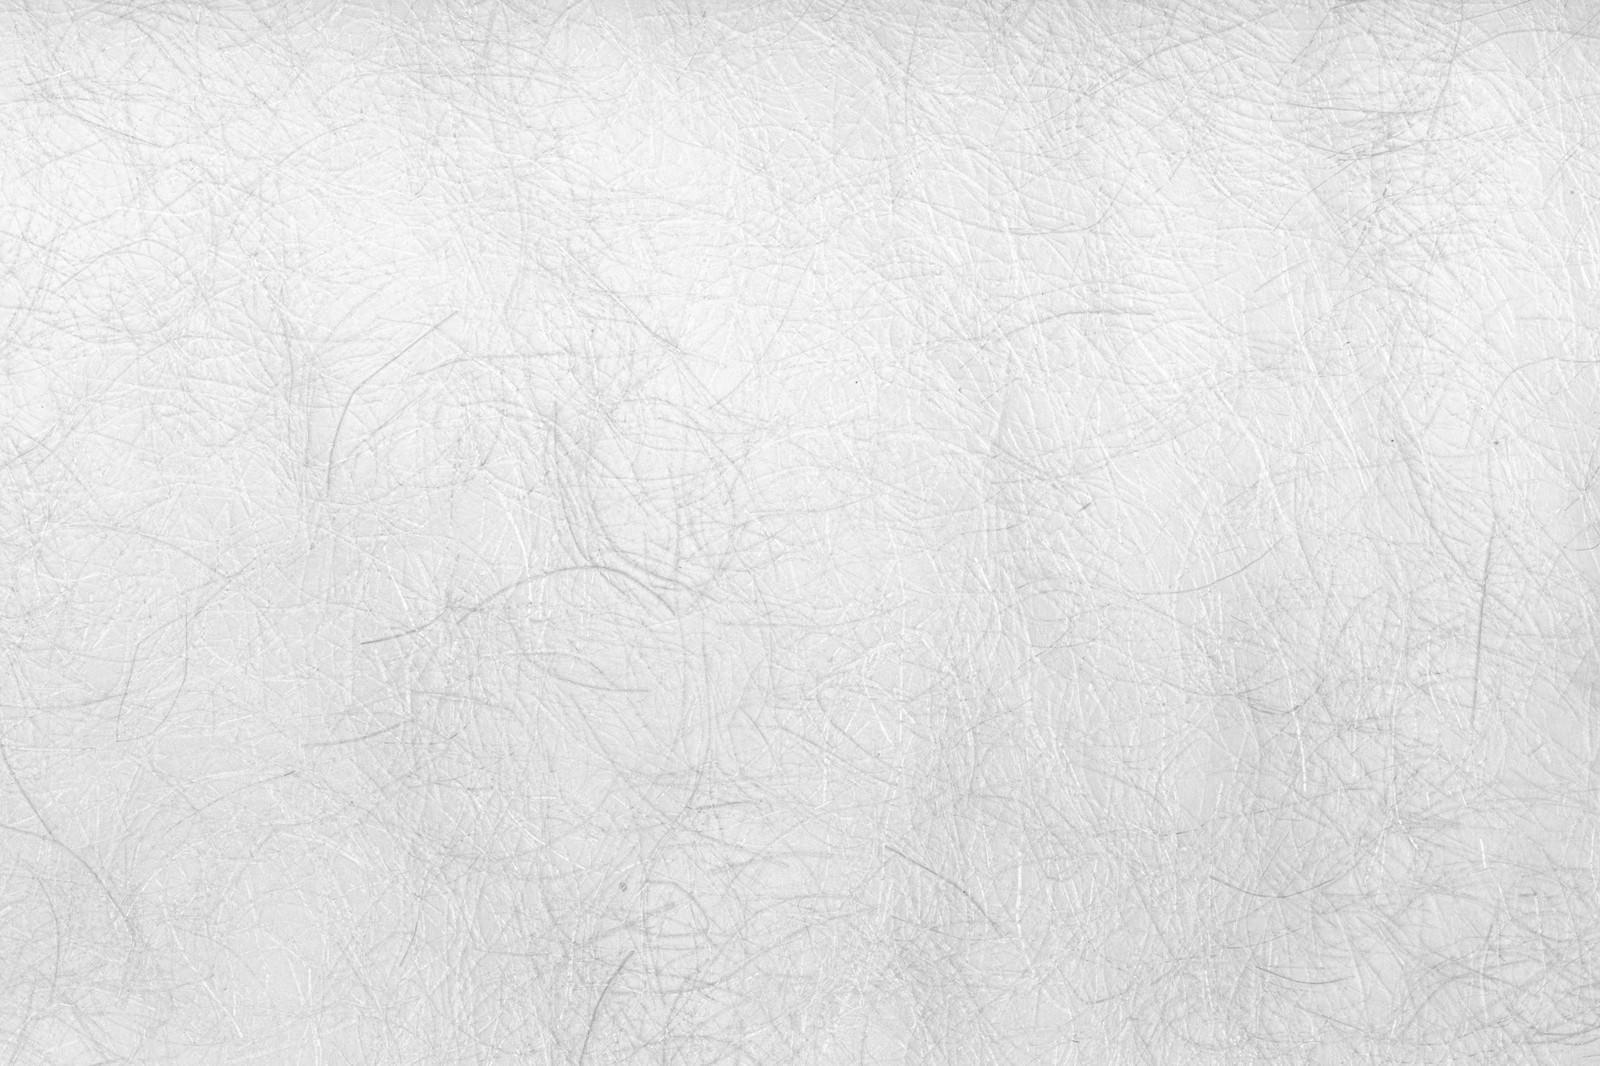 「和紙繊維(テクスチャ)」の写真